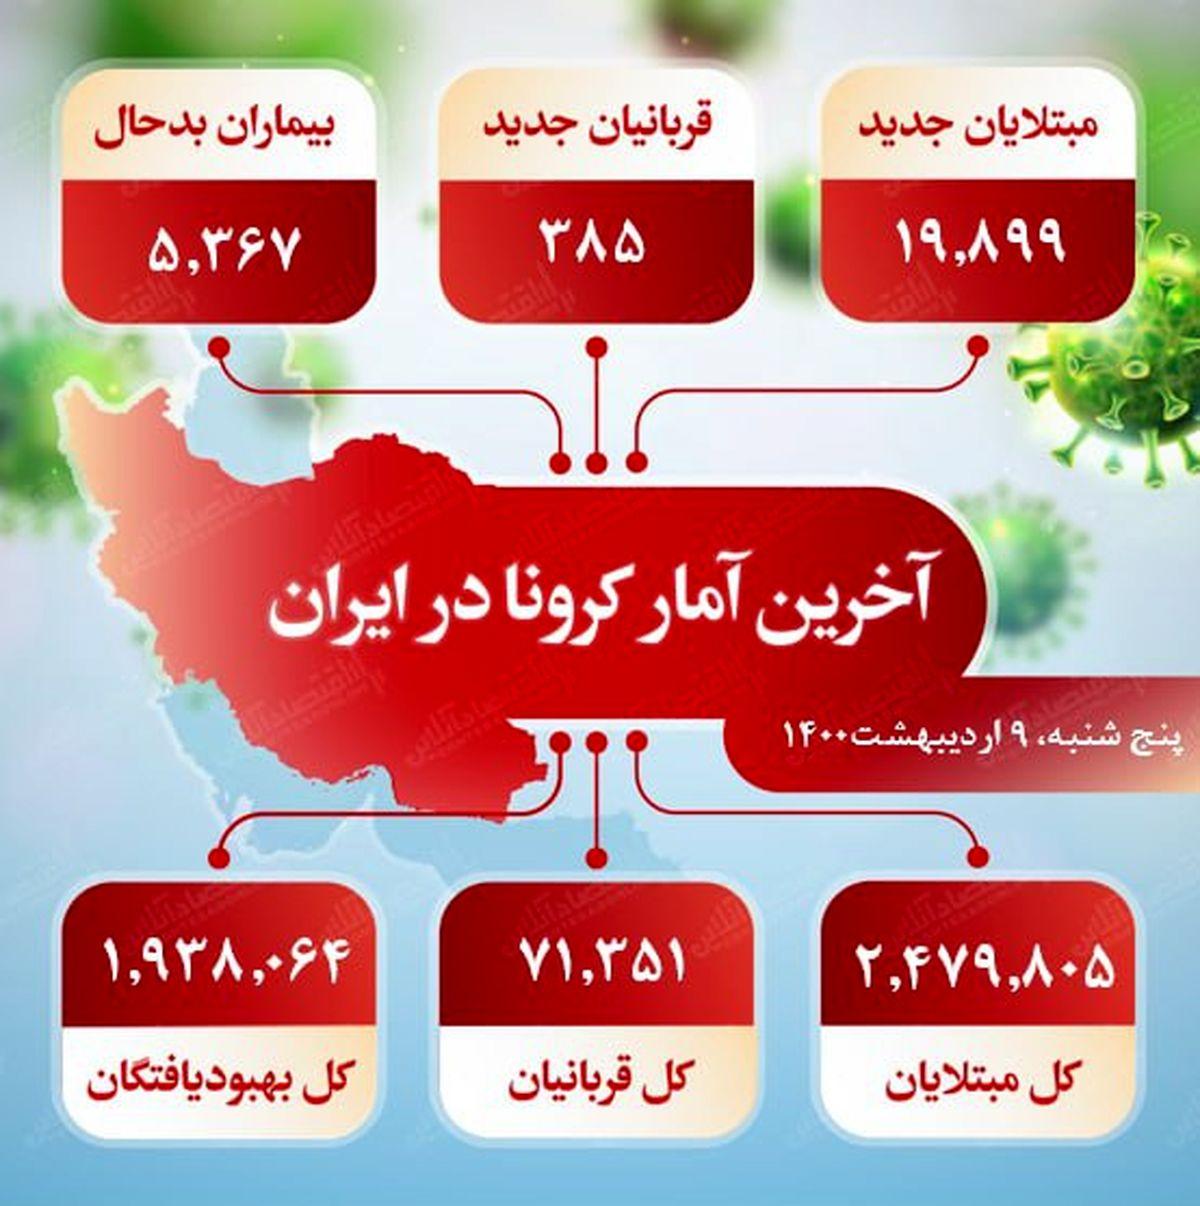 آخرین آمار کرونا در ایران (۱۴۰۰/۲/۹)